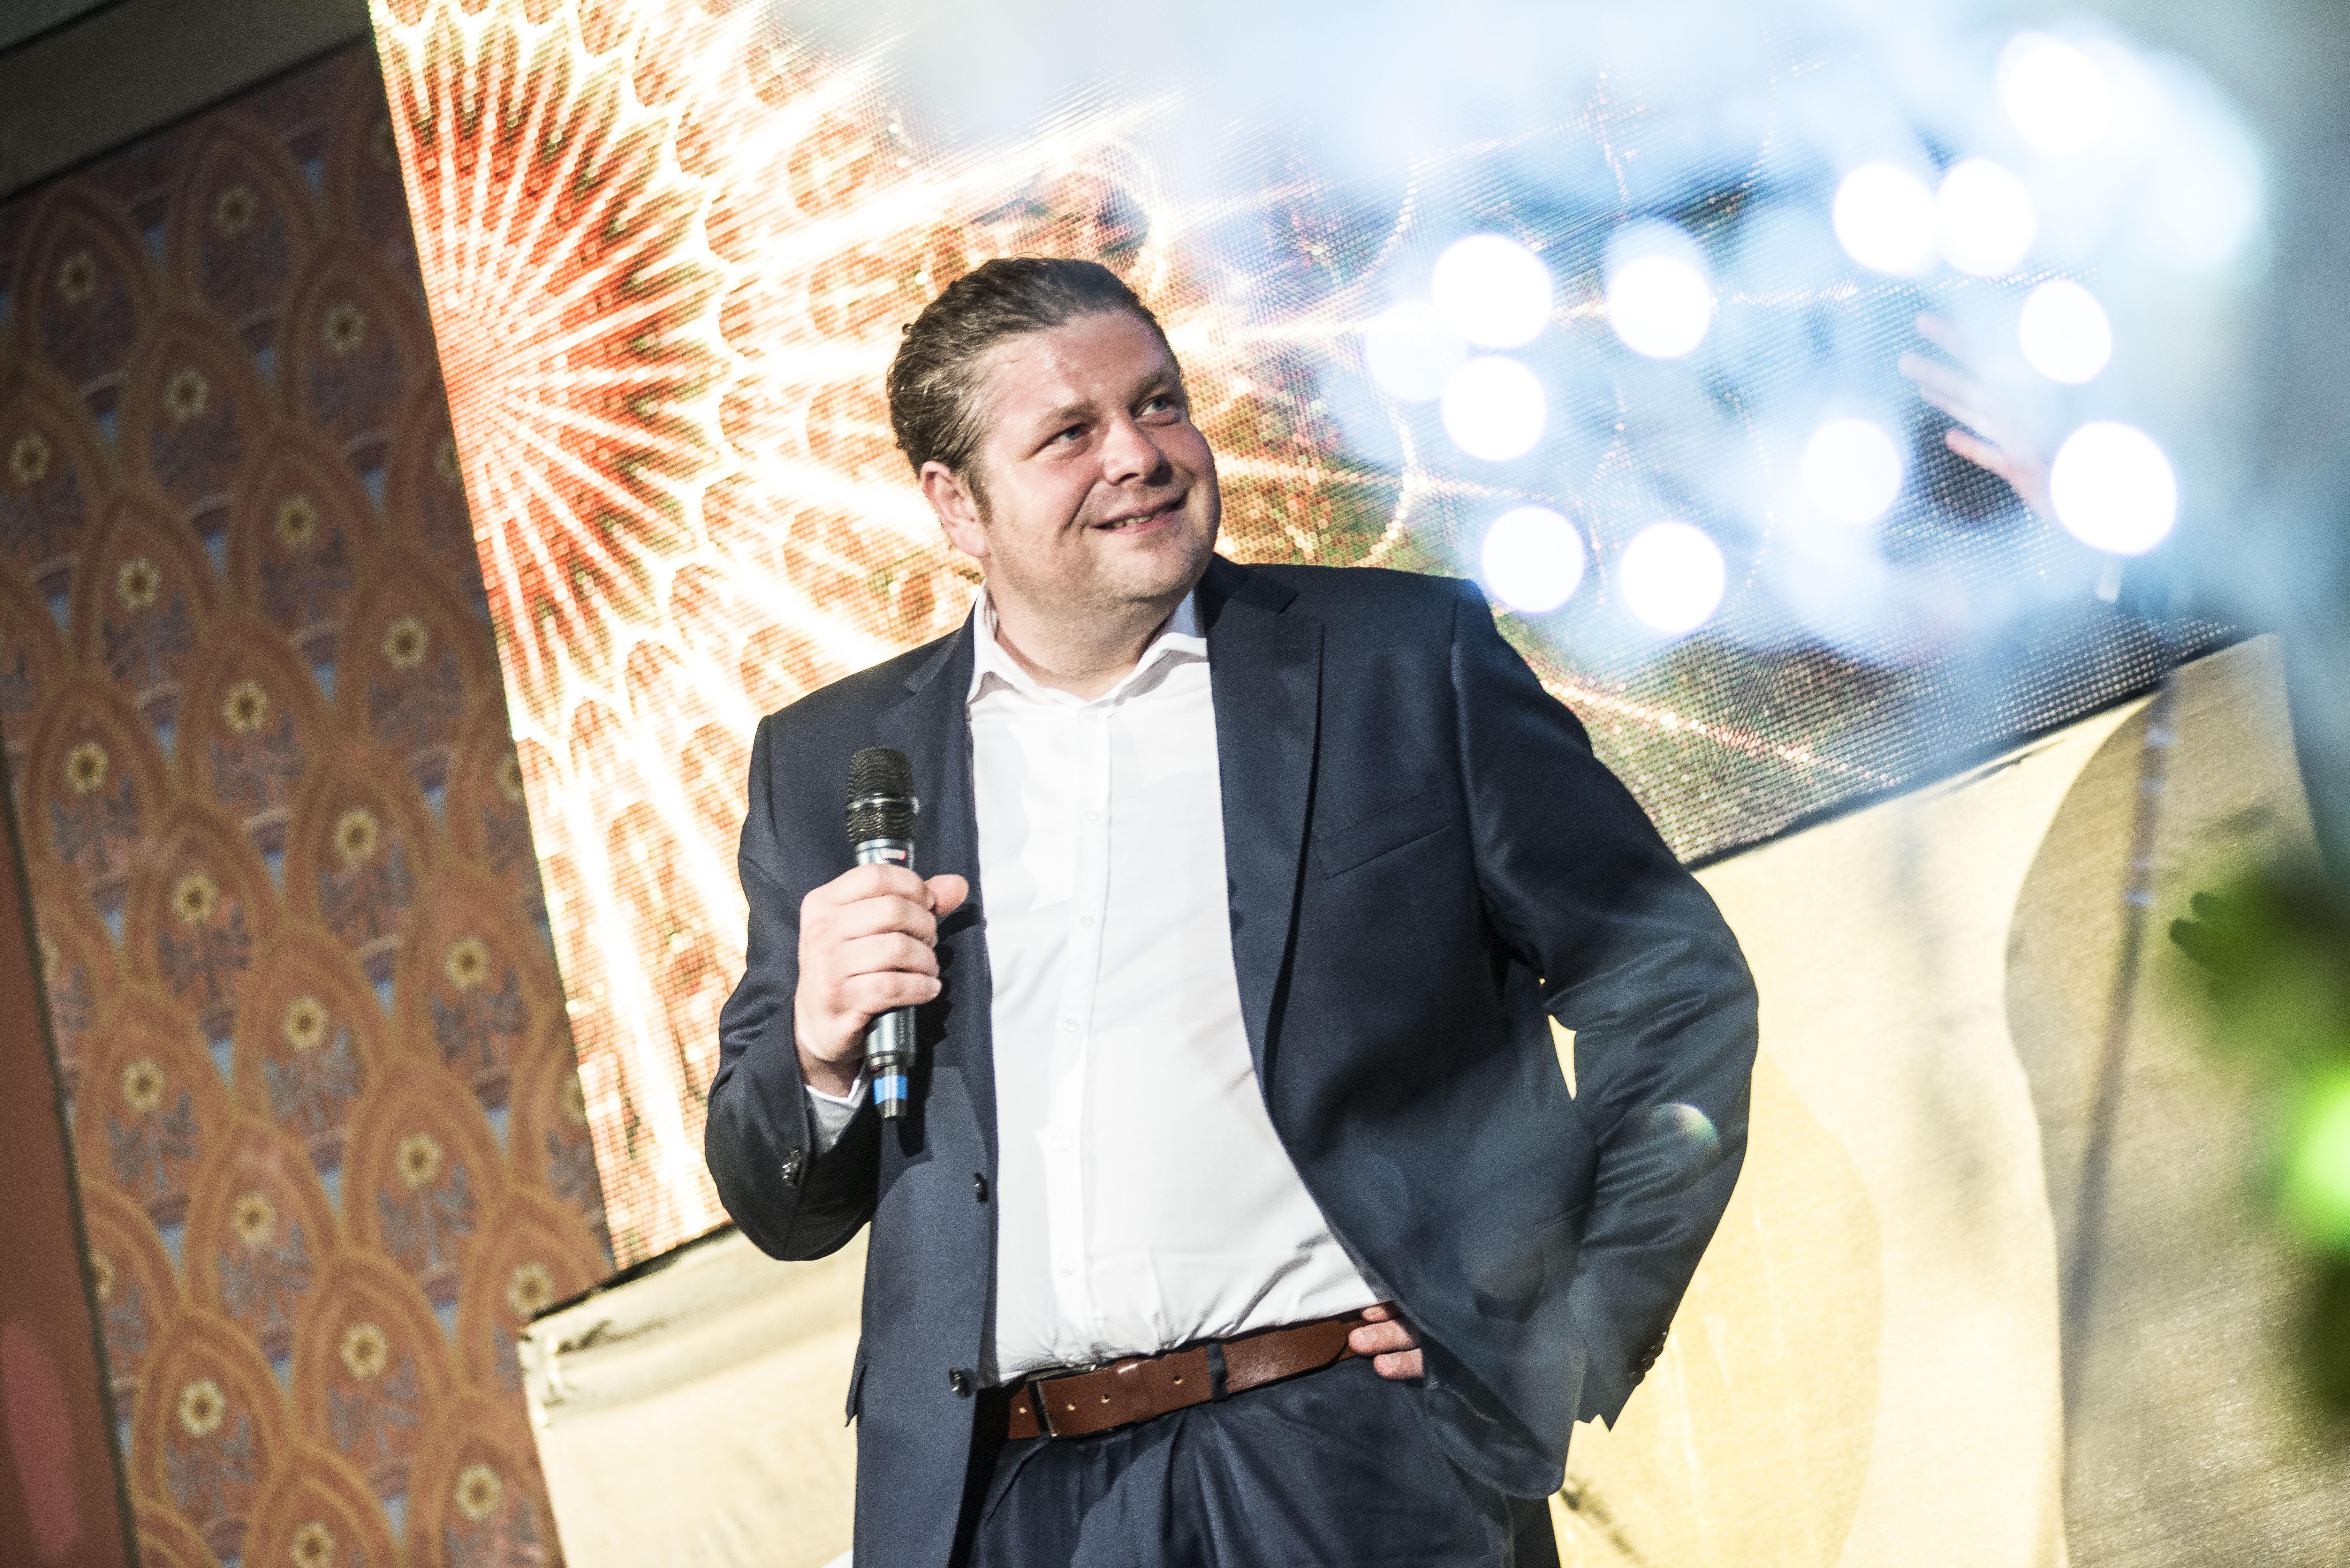 Pavel Bouška, tvář z obálky dubnového Forbesu a majitel společnosti Vafo Praha.